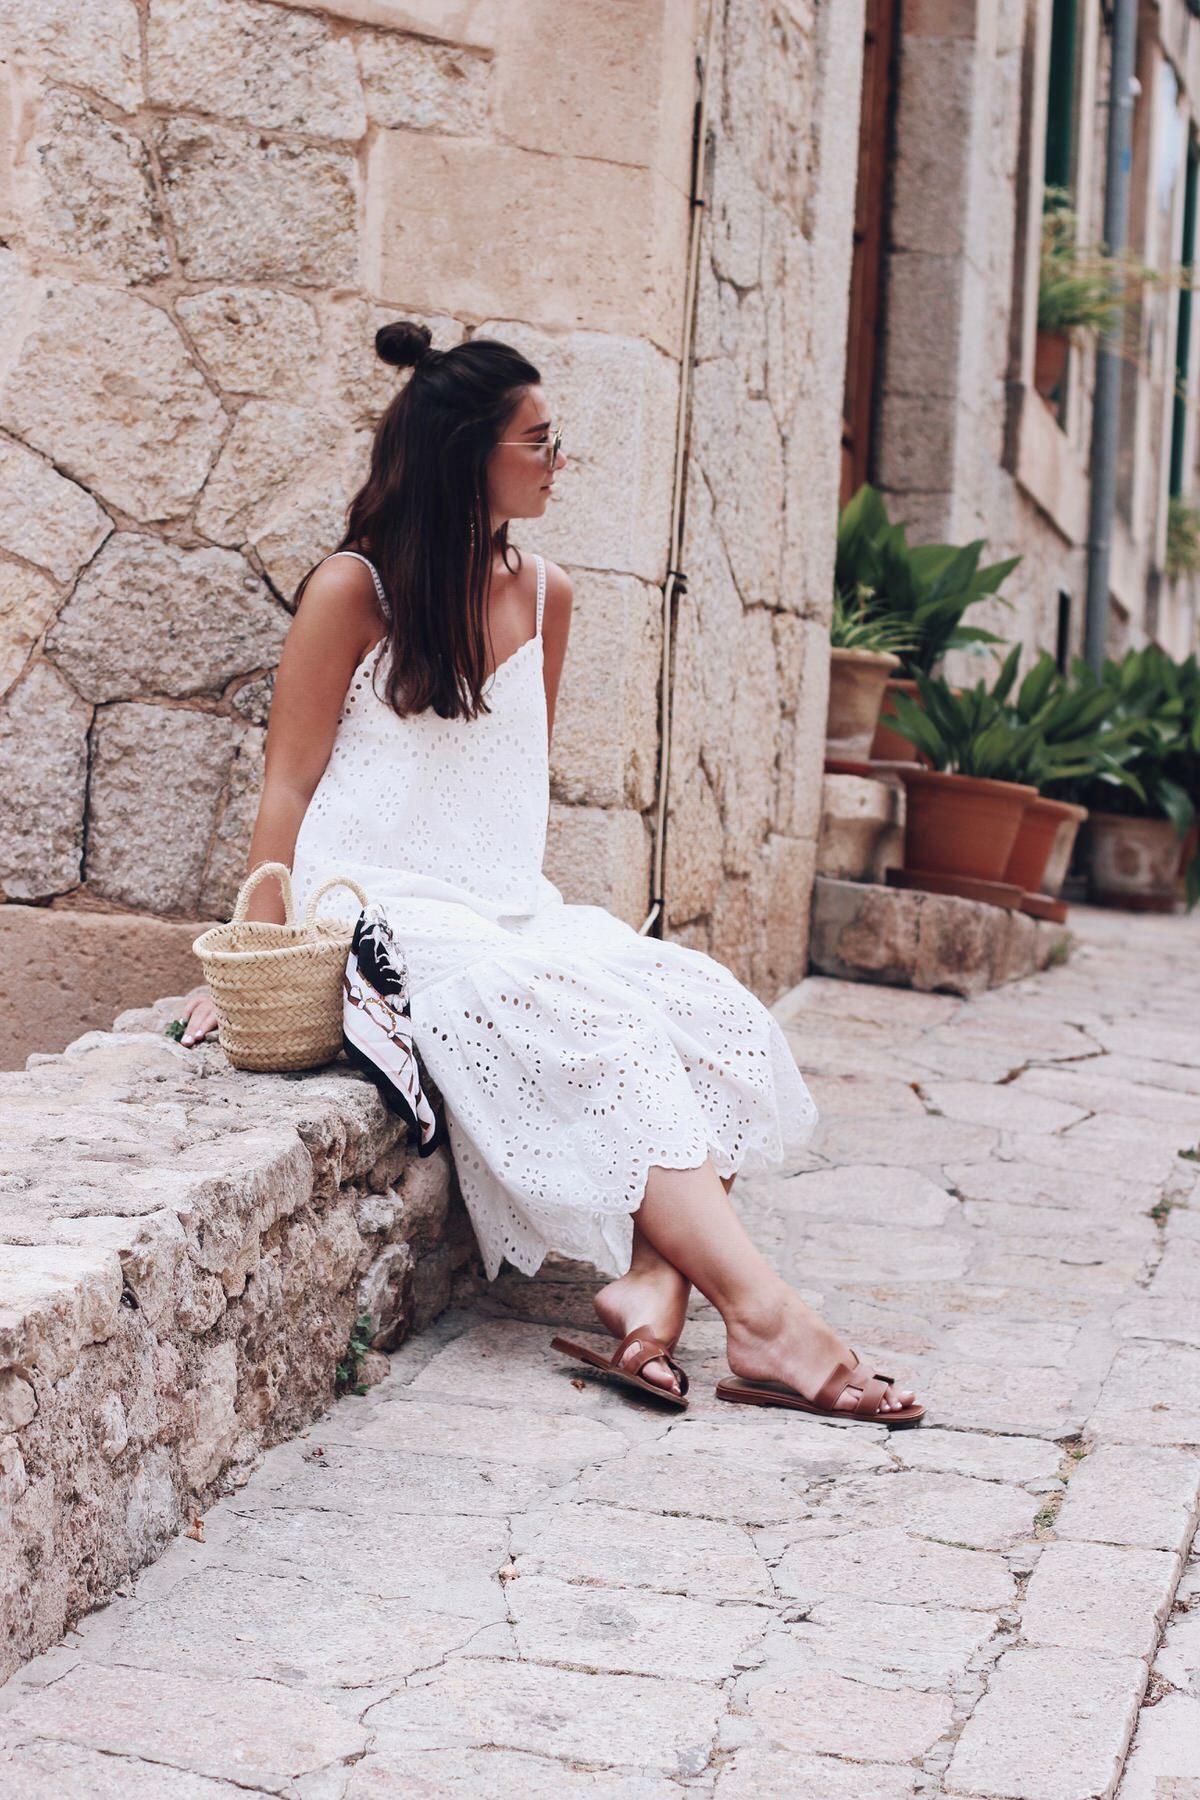 Sommer-Look: weißes Trägerkleid mit Spitze, Zara, Hermes 'Oran' Sandalen & Korbtasche, Mallorca, Insel, Urlaub, Valdemossa, Sommer